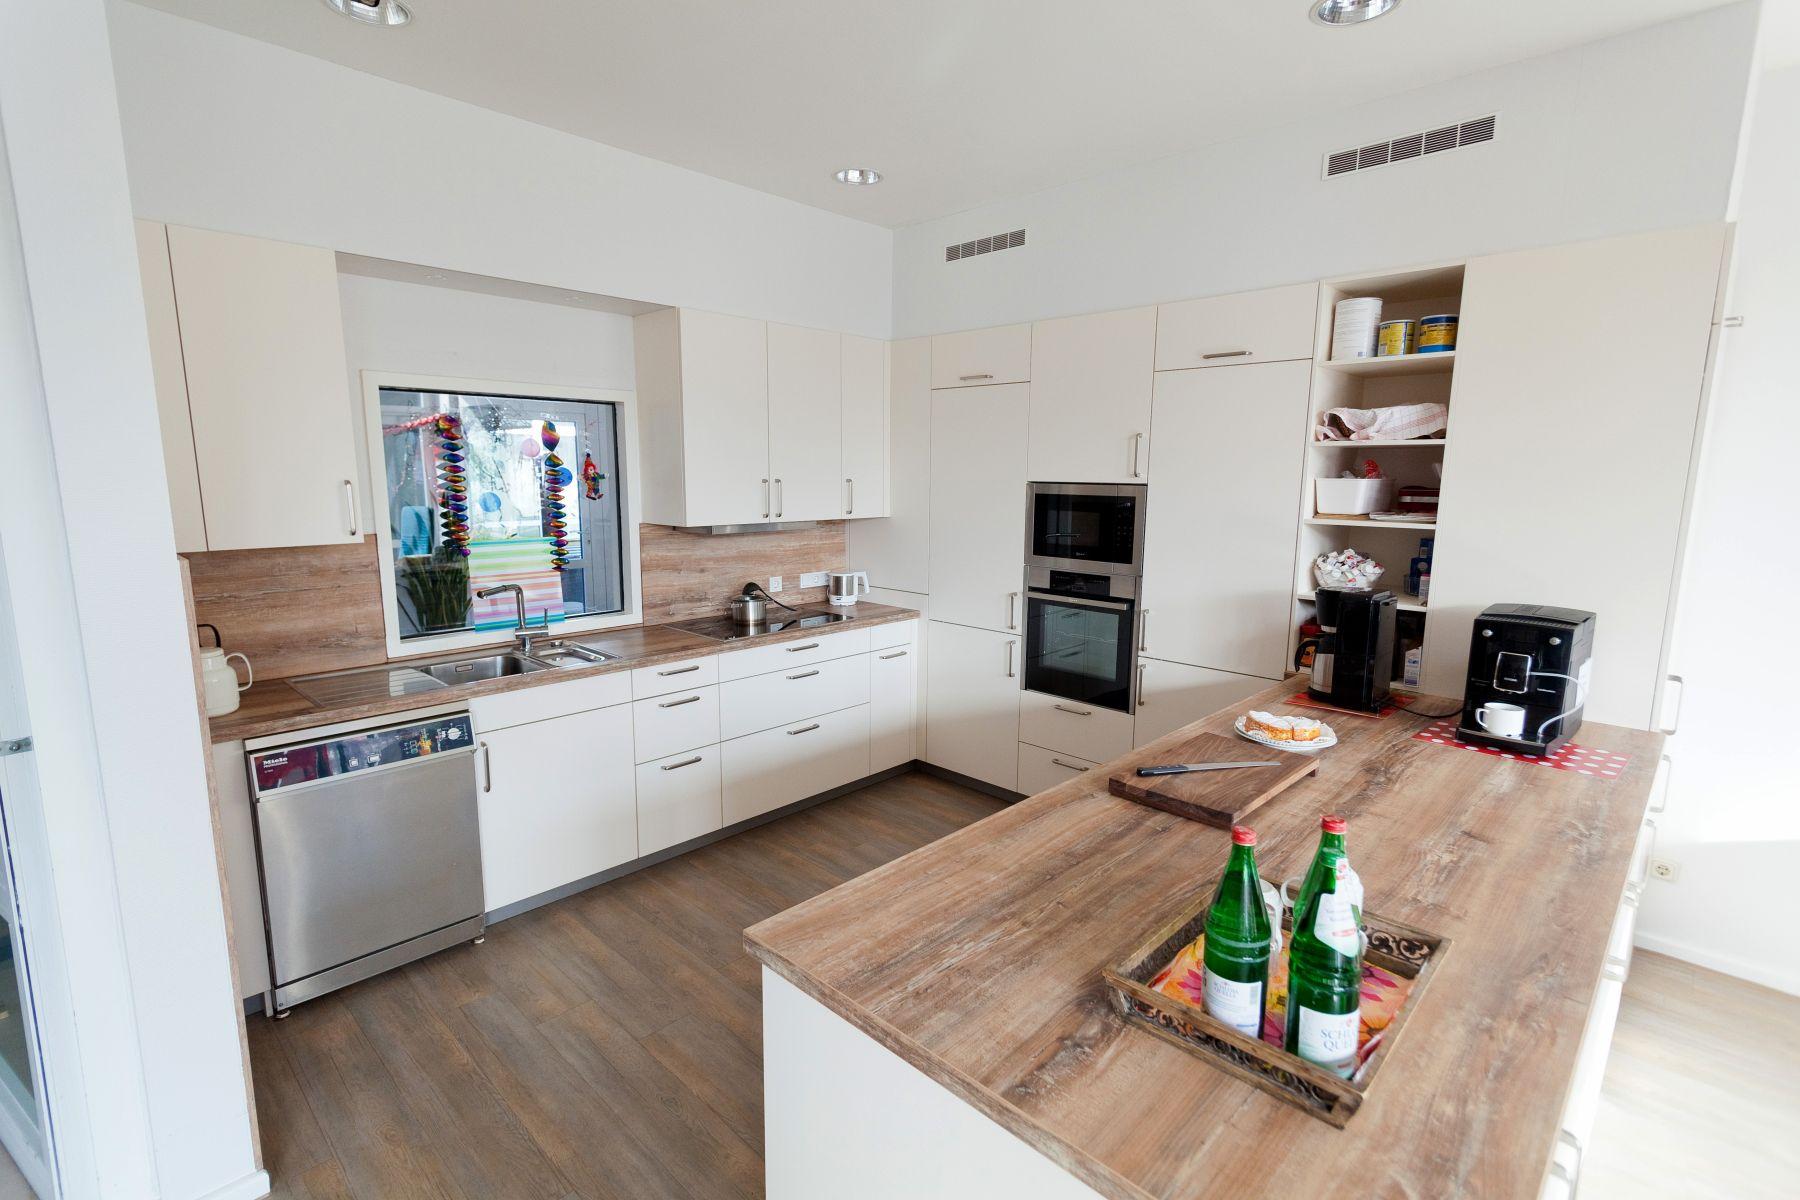 arbeitsplatte küche holz eiche: küchen modern holz weiß geizkauf.